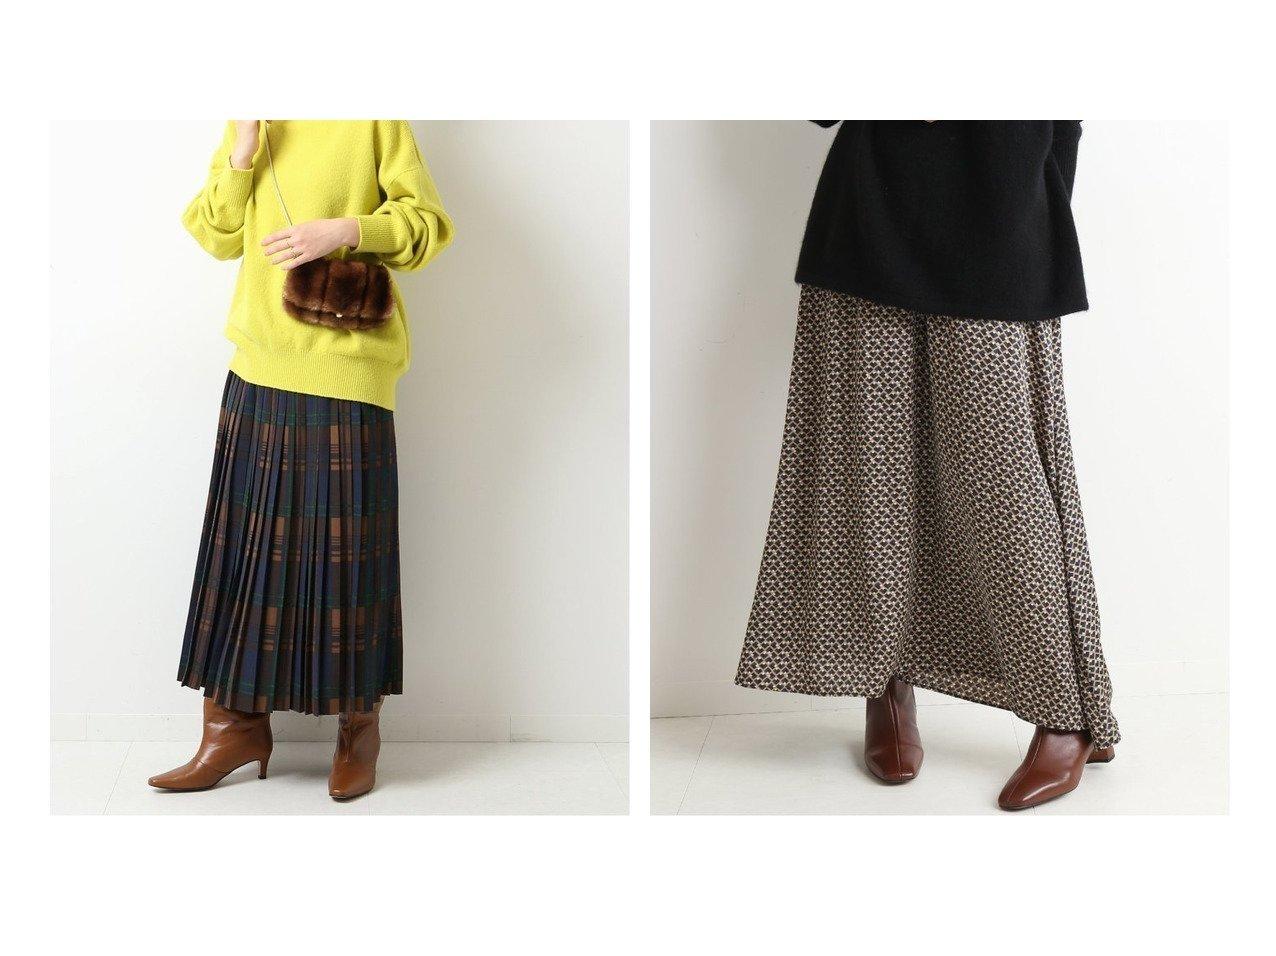 【SLOBE IENA/スローブ イエナ】の幾何学柄フレアスカート&【Spick & Span/スピック&スパン】の≪WEB限定≫チェックプリーツスカート スカートのおすすめ!人気、トレンド・レディースファッションの通販 おすすめで人気の流行・トレンド、ファッションの通販商品 メンズファッション・キッズファッション・インテリア・家具・レディースファッション・服の通販 founy(ファニー) https://founy.com/ ファッション Fashion レディースファッション WOMEN スカート Skirt プリーツスカート Pleated Skirts Aライン/フレアスカート Flared A-Line Skirts 2020年 2020 2020-2021 秋冬 A/W AW Autumn/Winter / FW Fall-Winter 2020-2021 A/W 秋冬 AW Autumn/Winter / FW Fall-Winter チェック パターン 再入荷 Restock/Back in Stock/Re Arrival シンプル フレア ロング |ID:crp329100000013383